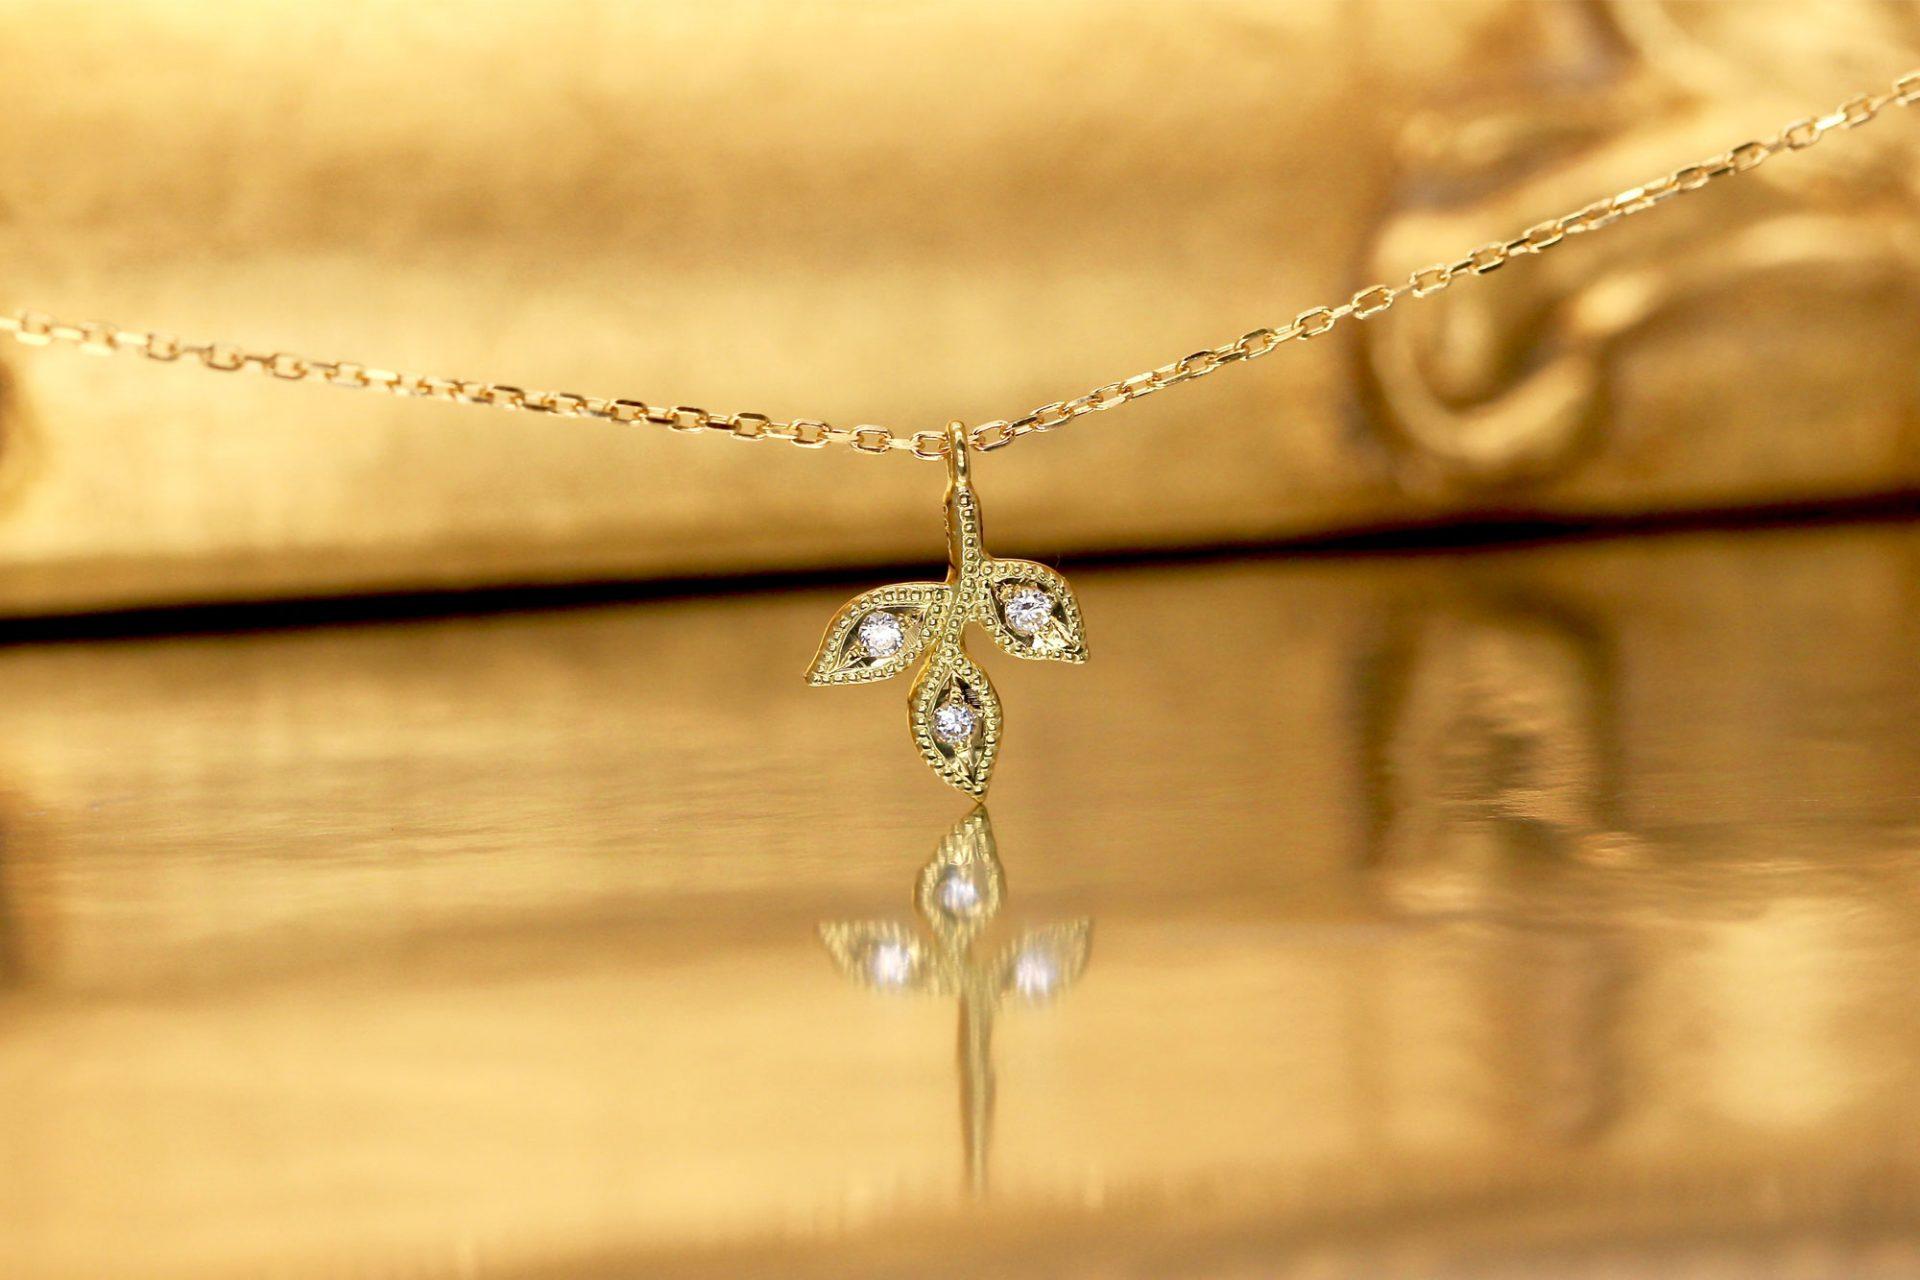 アンティーク・オリーブ・ダイヤモンド・ネックレス・ピアス(フェアマインド認証ゴールド&エシカルダイヤモンド)